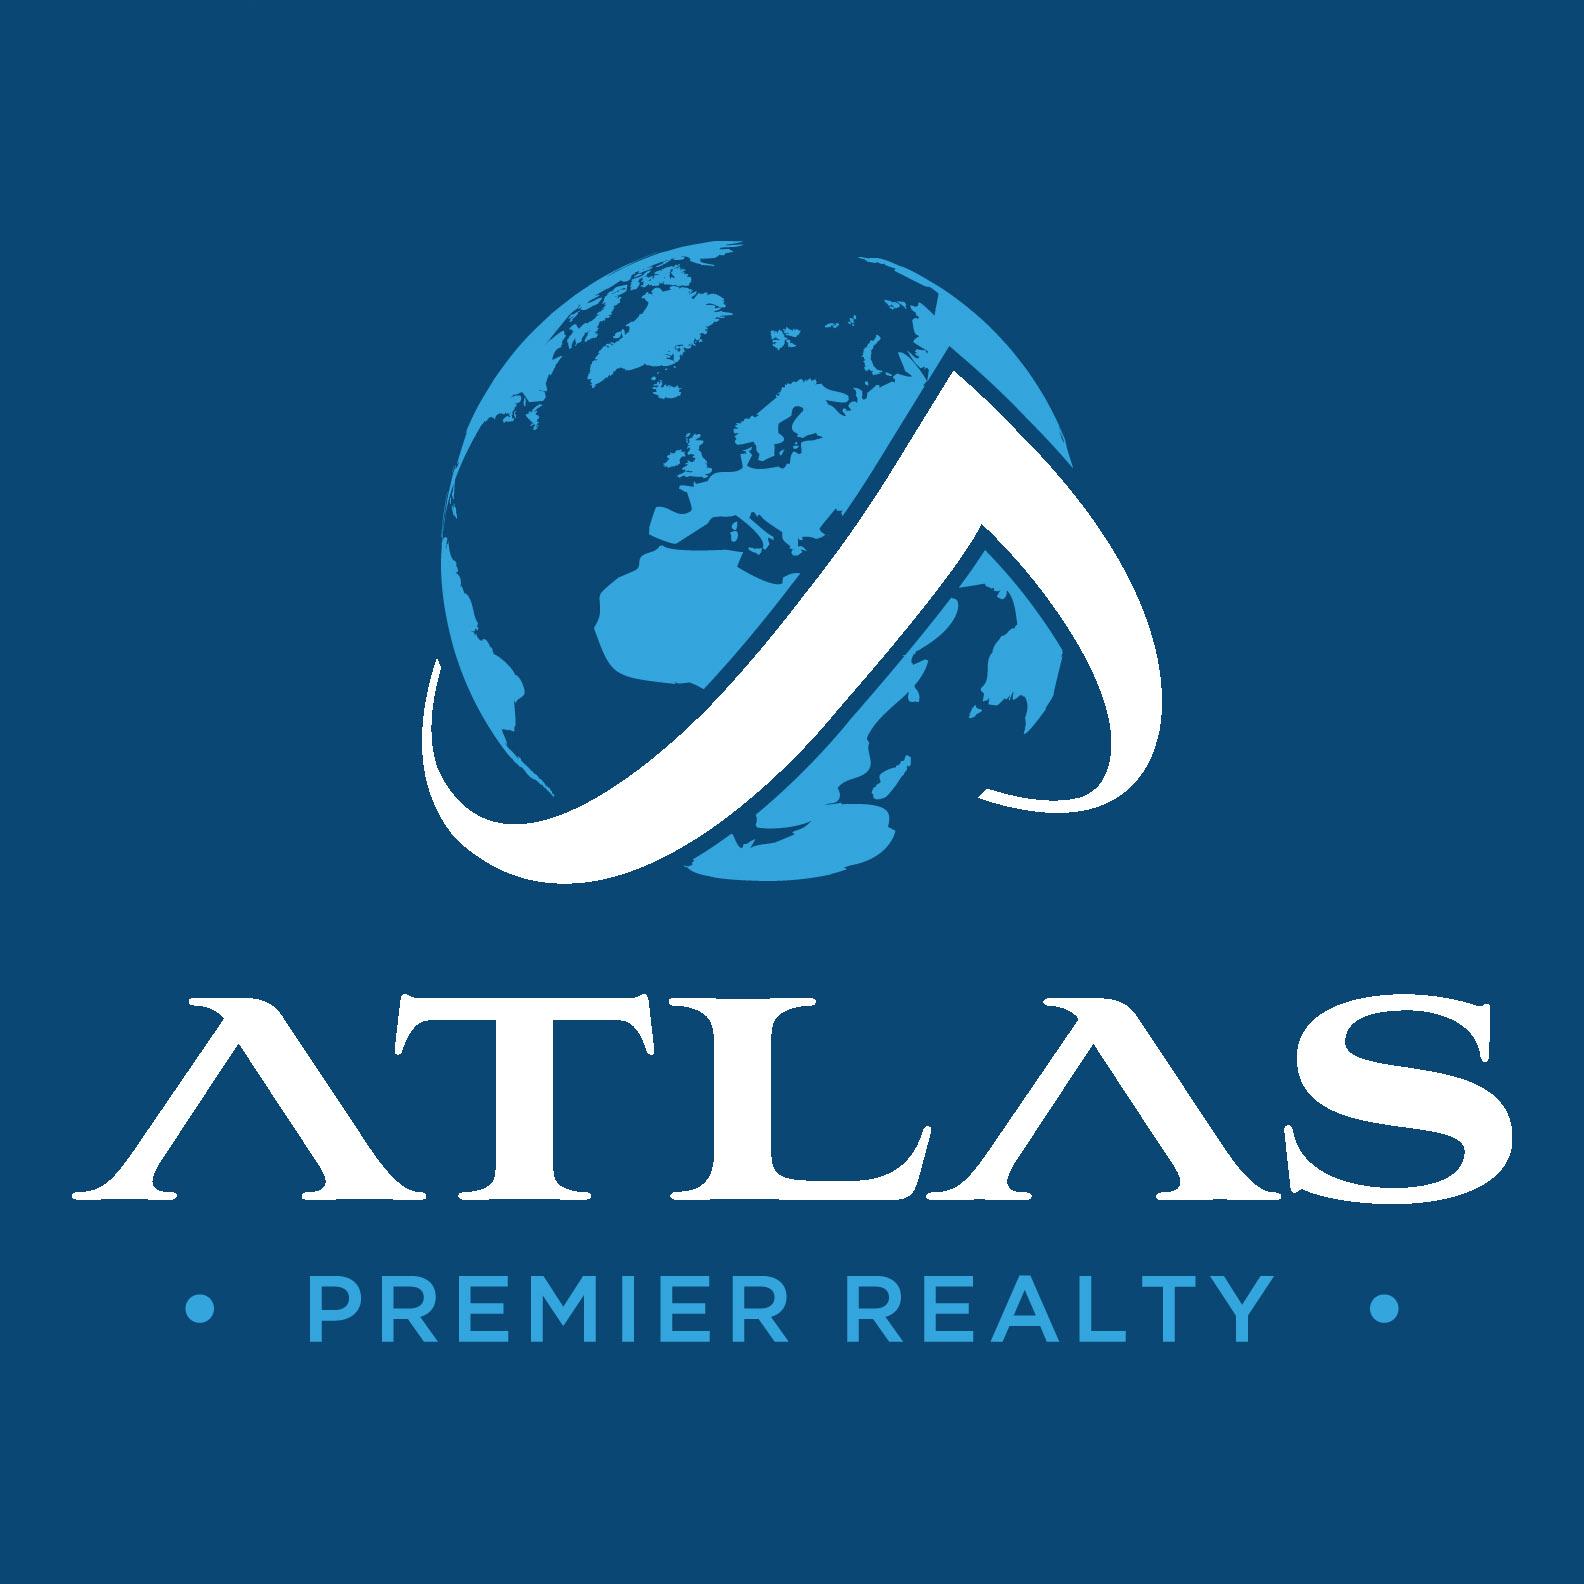 atlas full logo.jpg